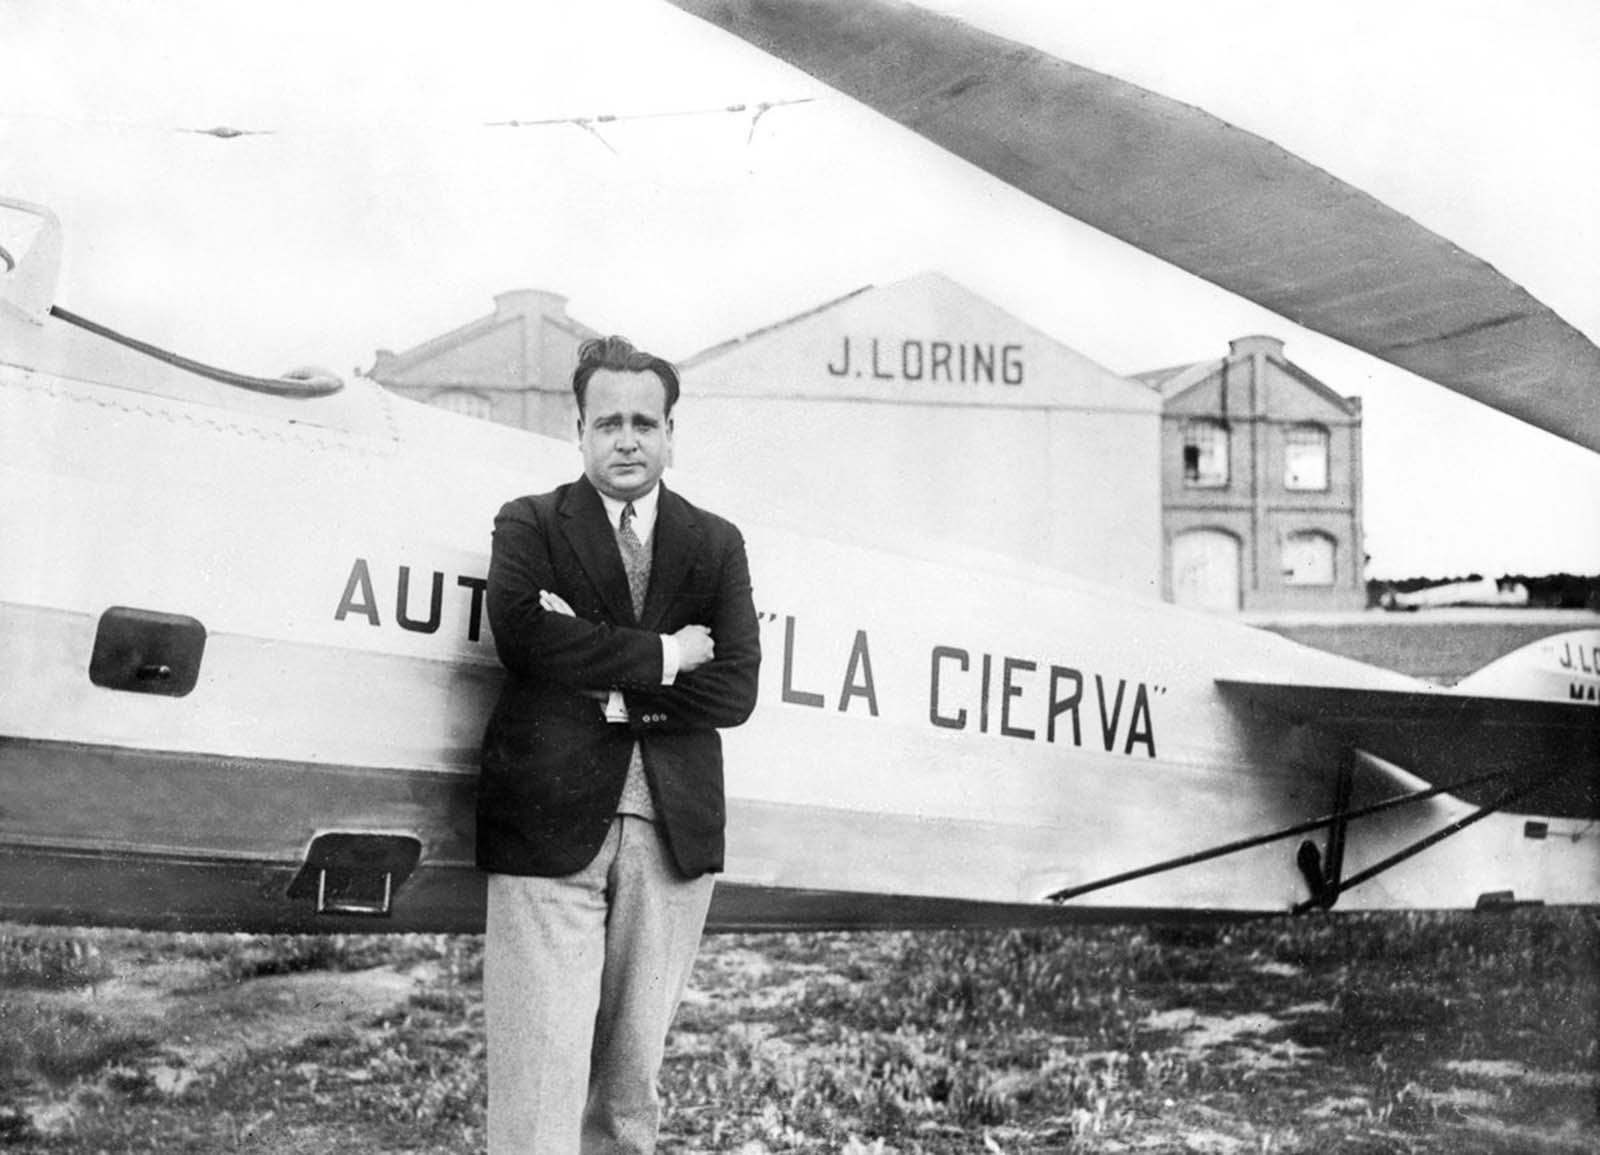 Juan de la Cierva, inventor of the autogyro. 1929.